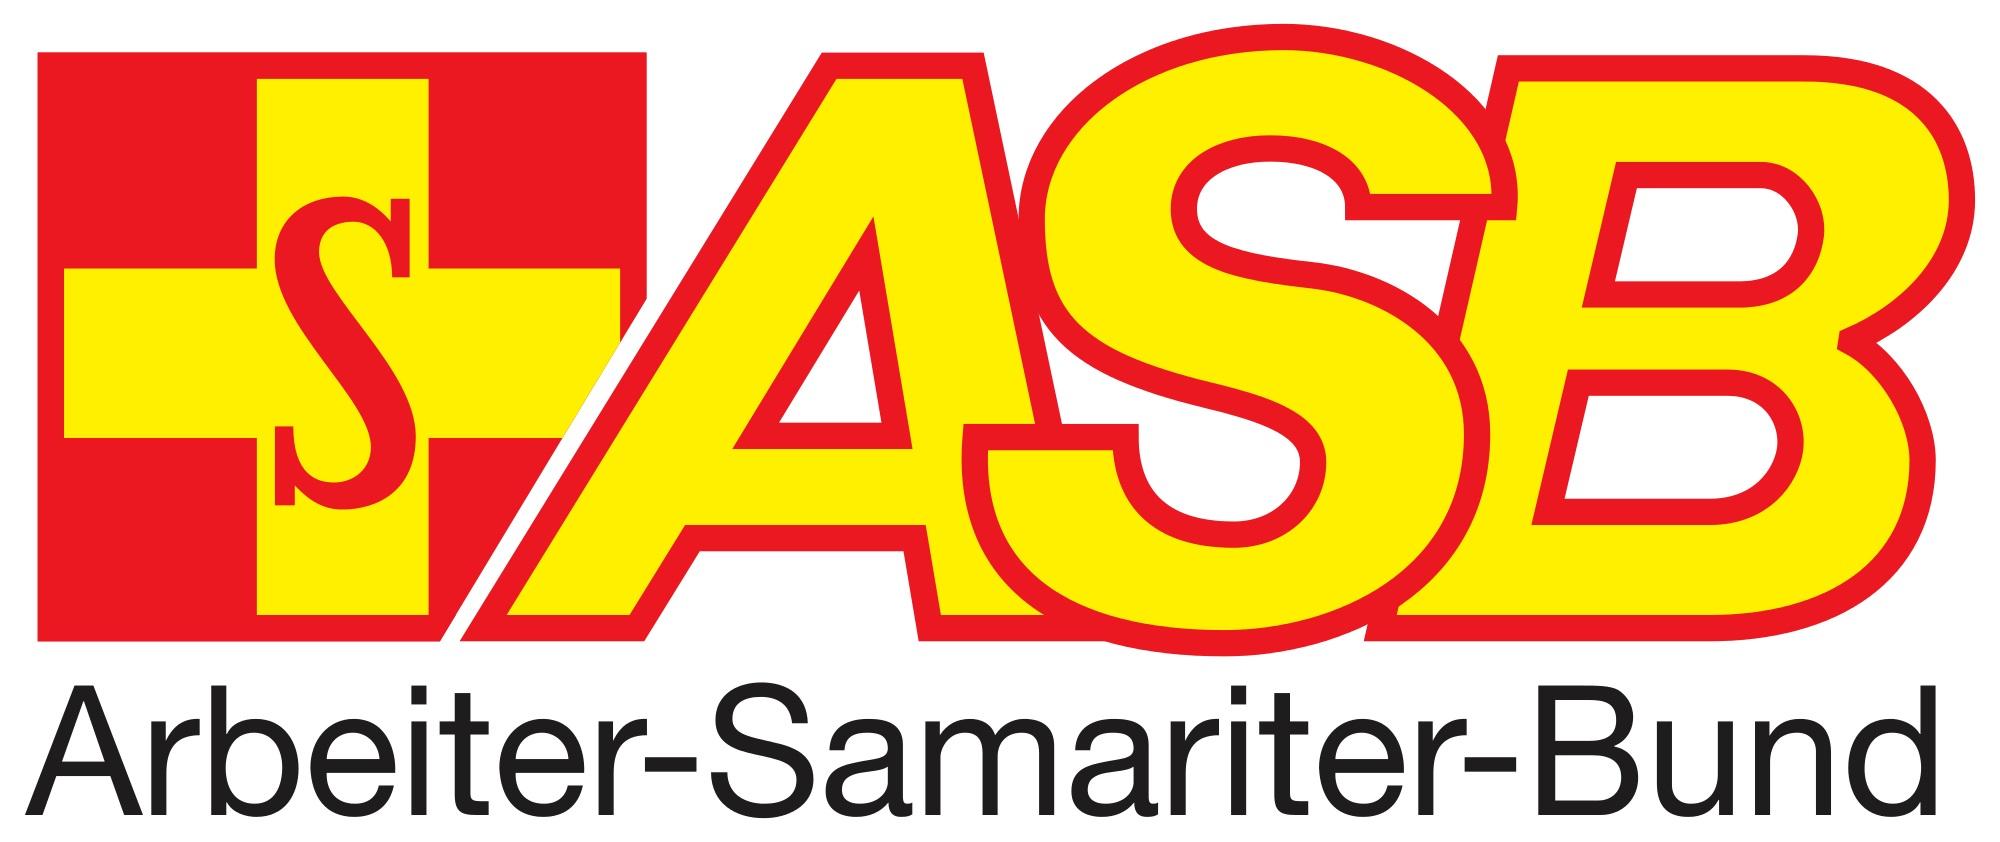 ArbeiterSamariterBund Region Stuttgart.jpeg